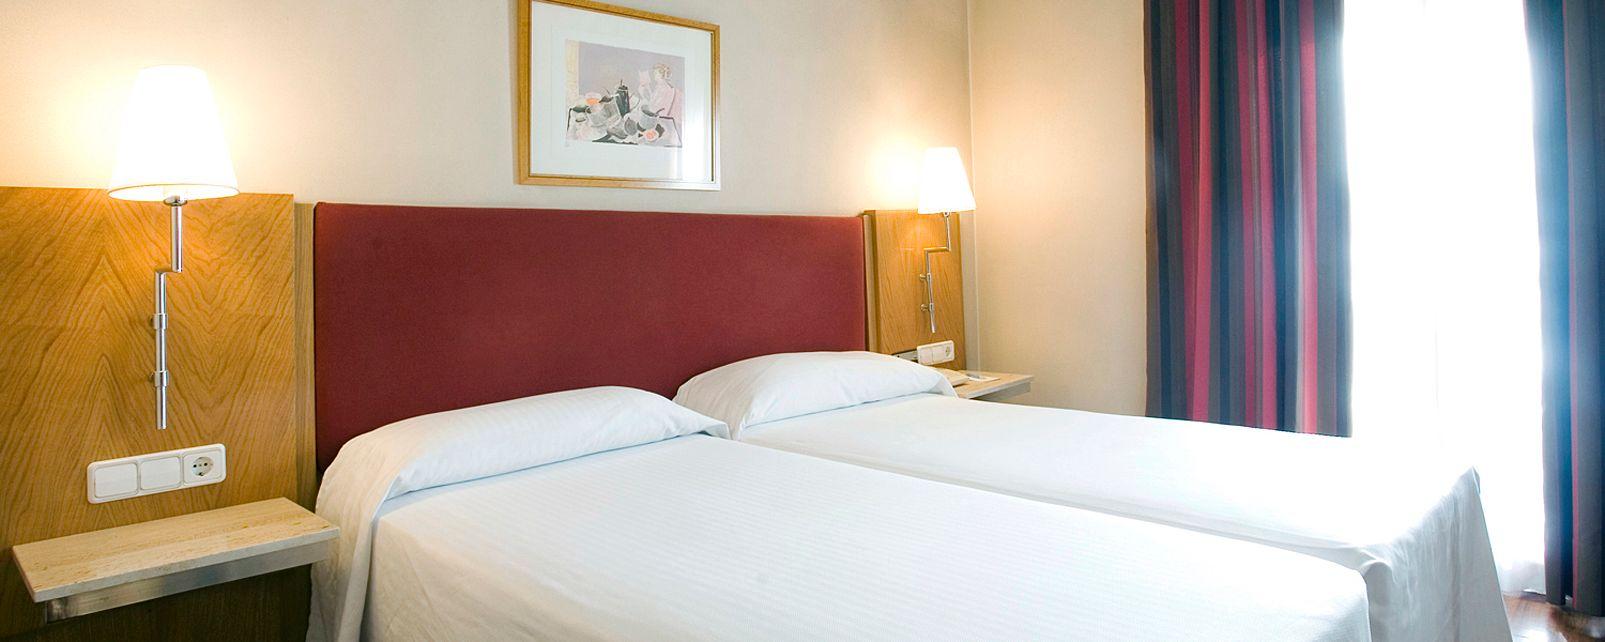 Hotel NH Sur